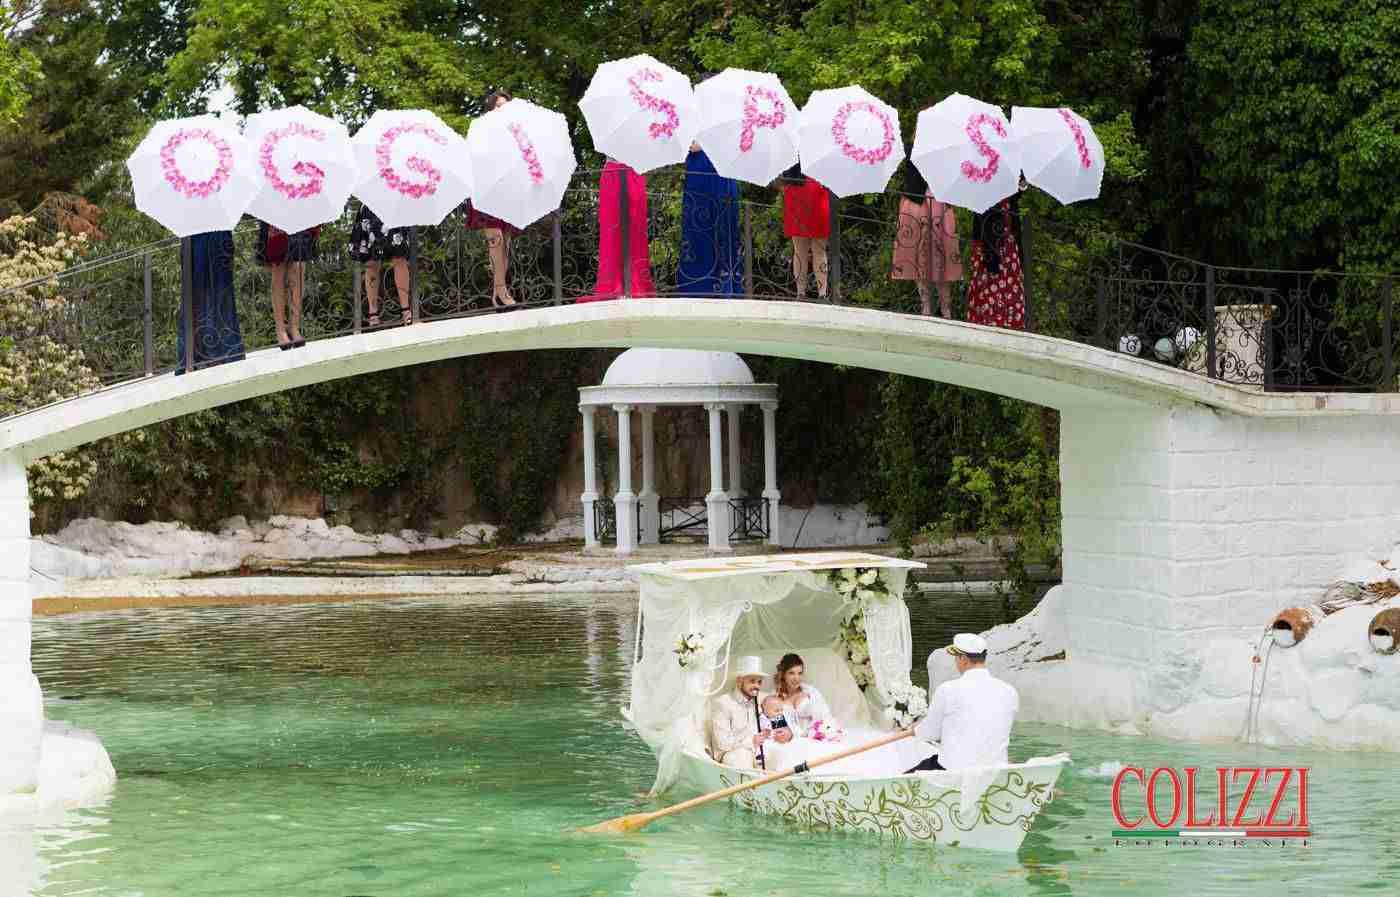 Location Matrimonio Roma - Lago dei Cigni